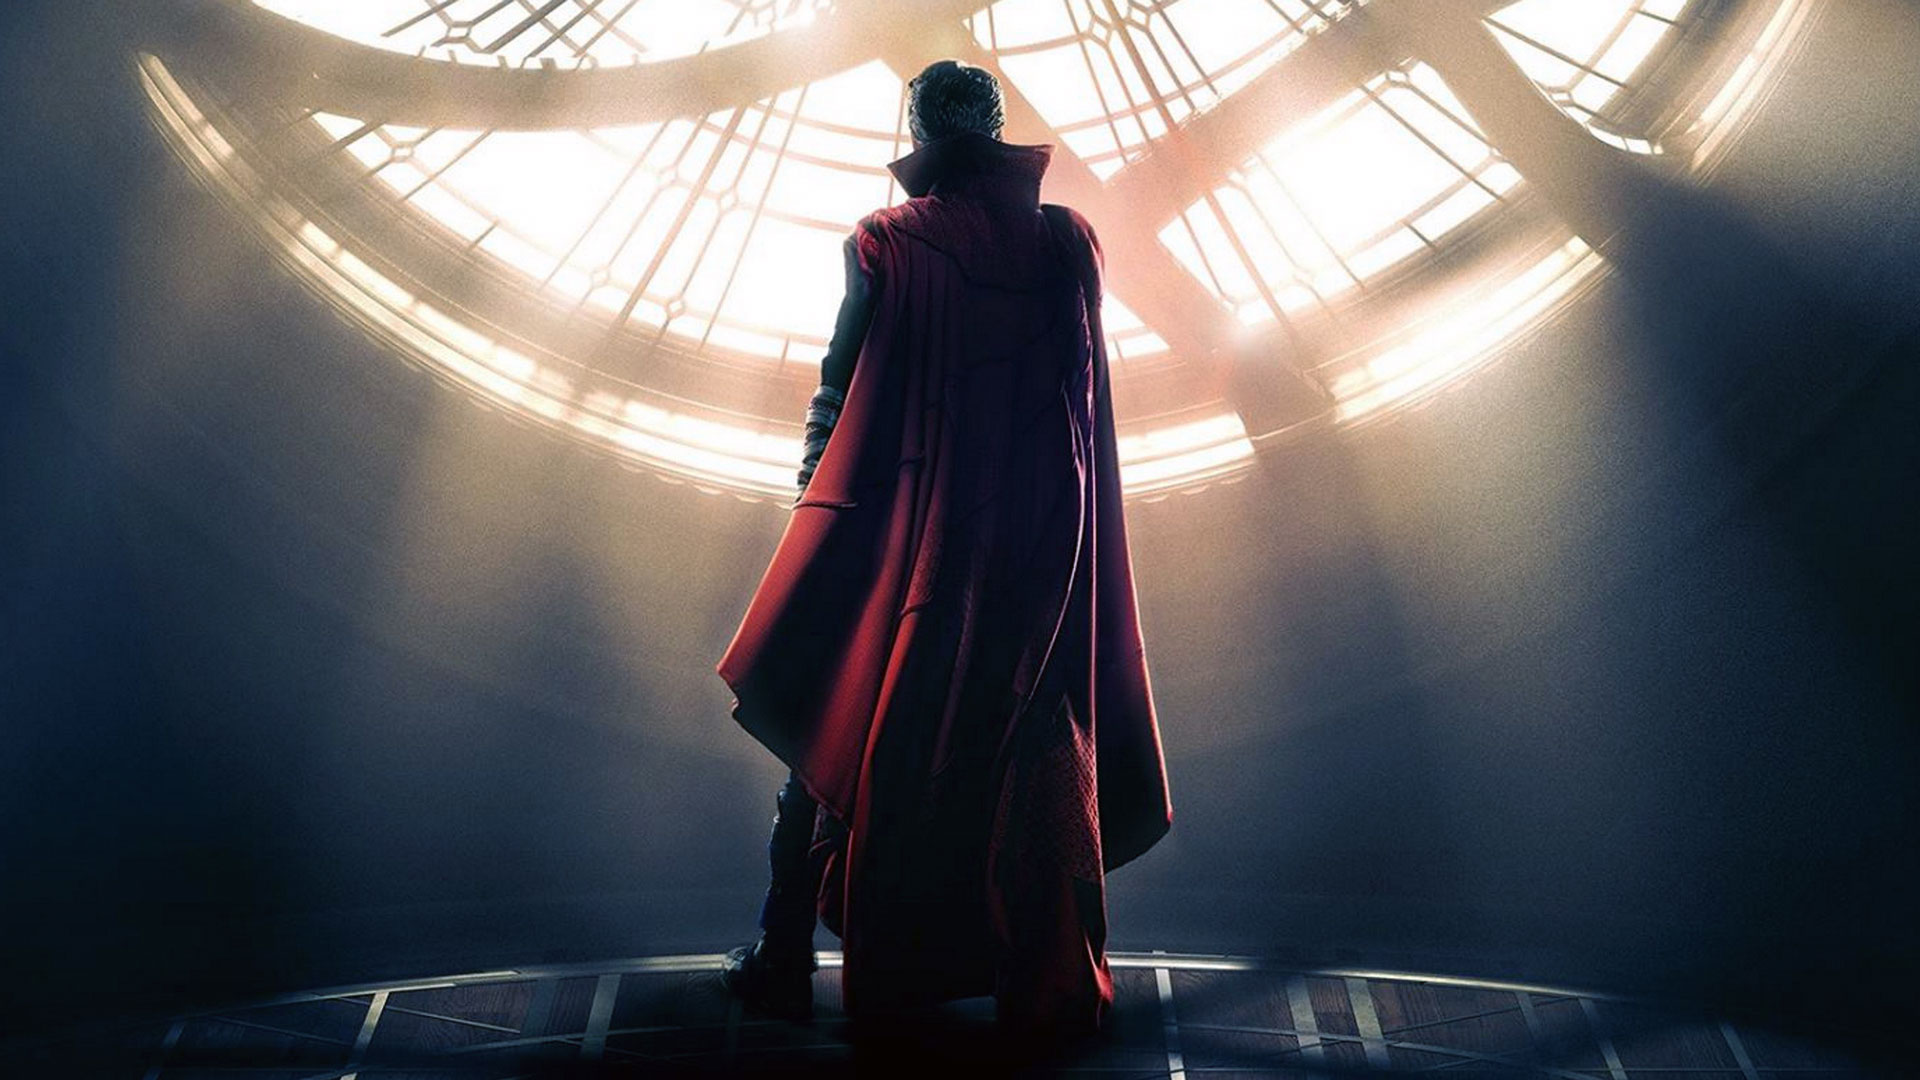 Ecco come la nuova stagione di Agents of S.H.I.E.L.D. si collegherebbe a Doctor Strange